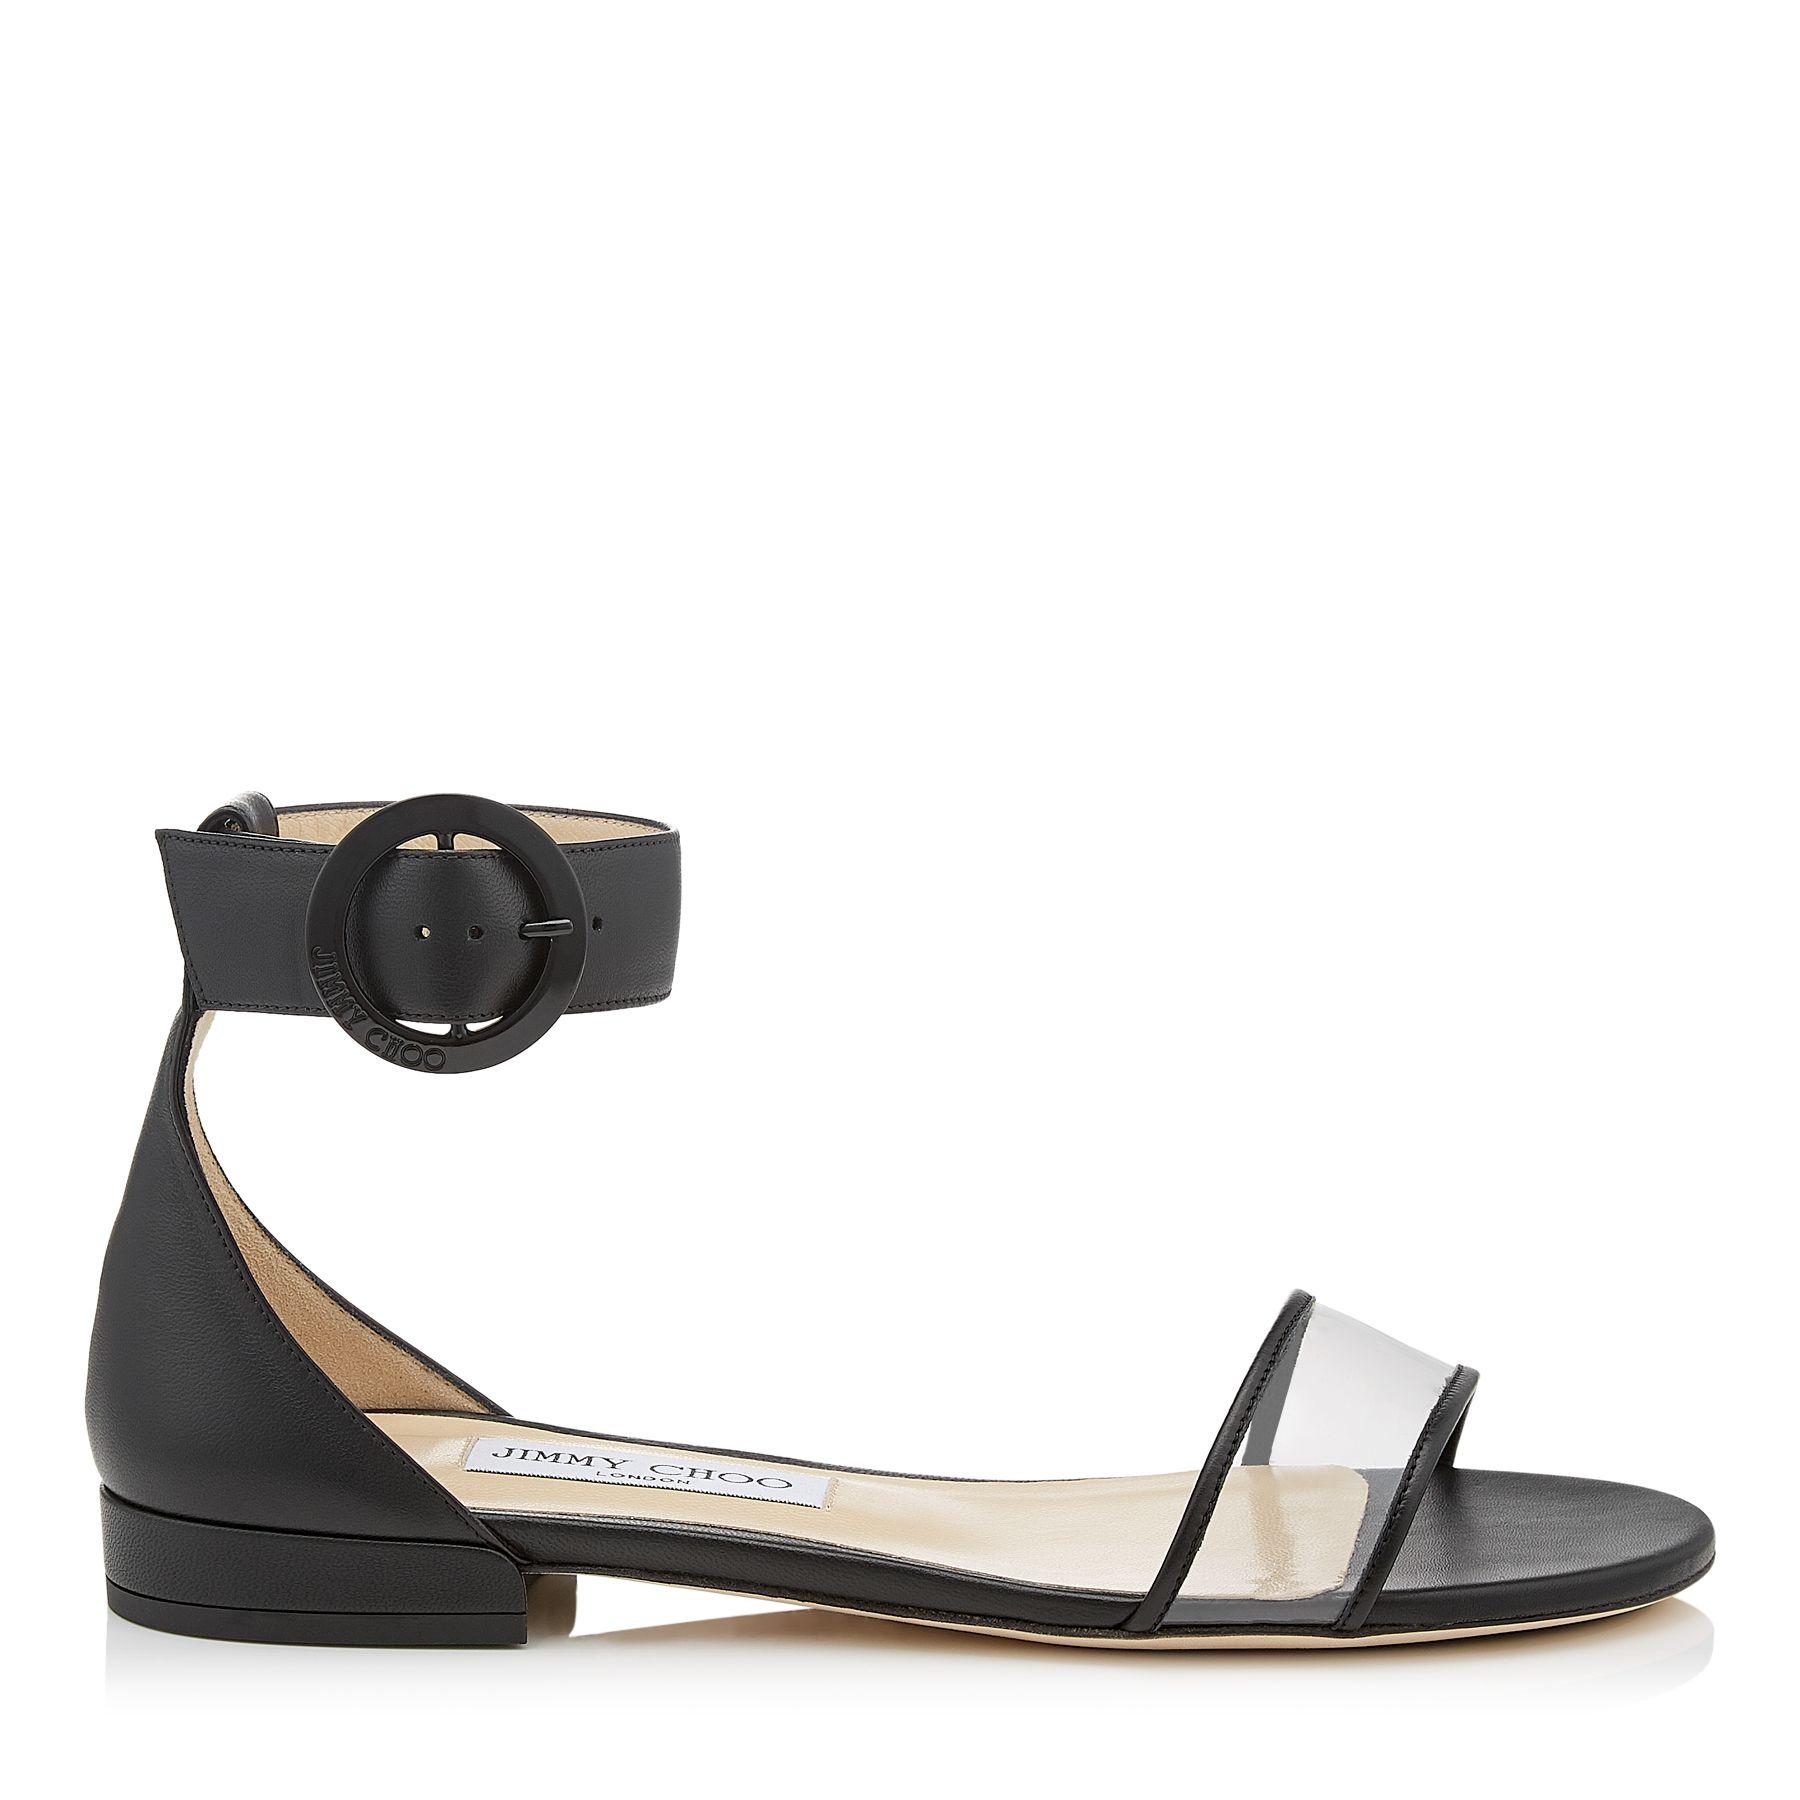 Jimmy Choo Piso De Jaimie Footwear Design Women Jimmy Choo Designer Shoes Jimmy Choo